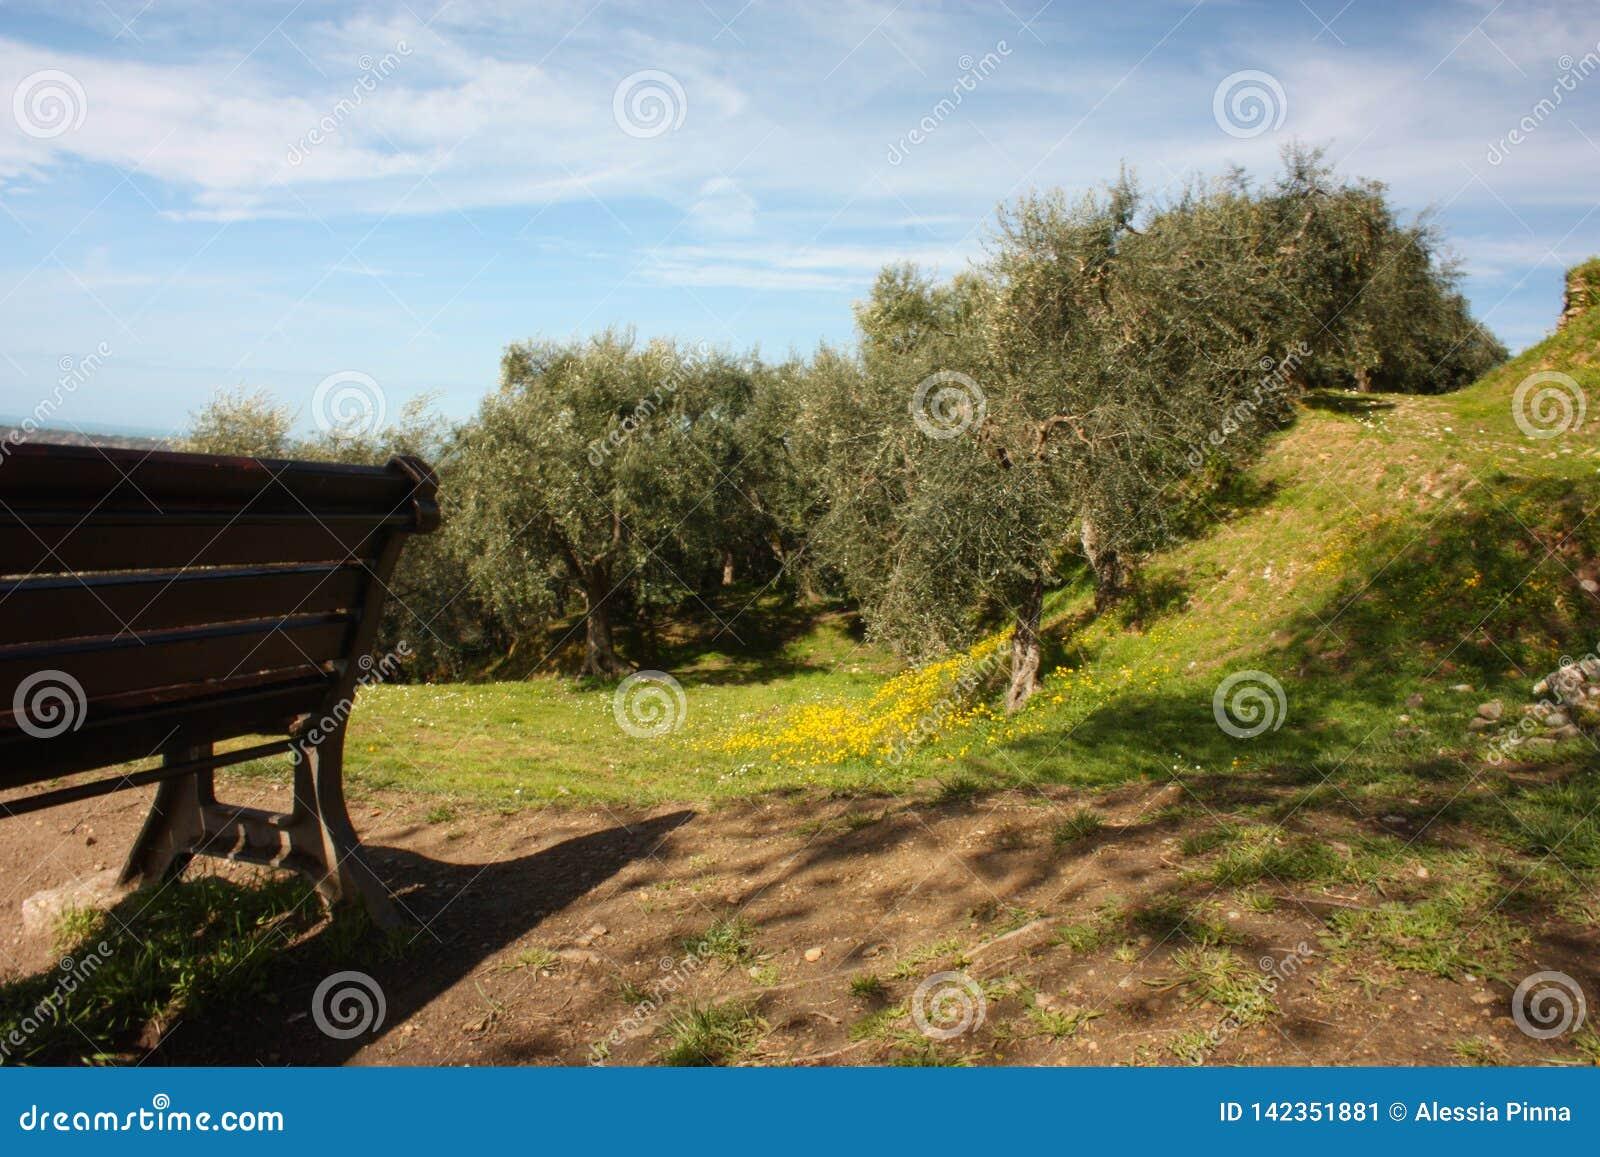 Zieleń pełno i wielki oliwny gaj drzewa oliwne, rośliny pełno liście i owoc, Przyjazd wiosna